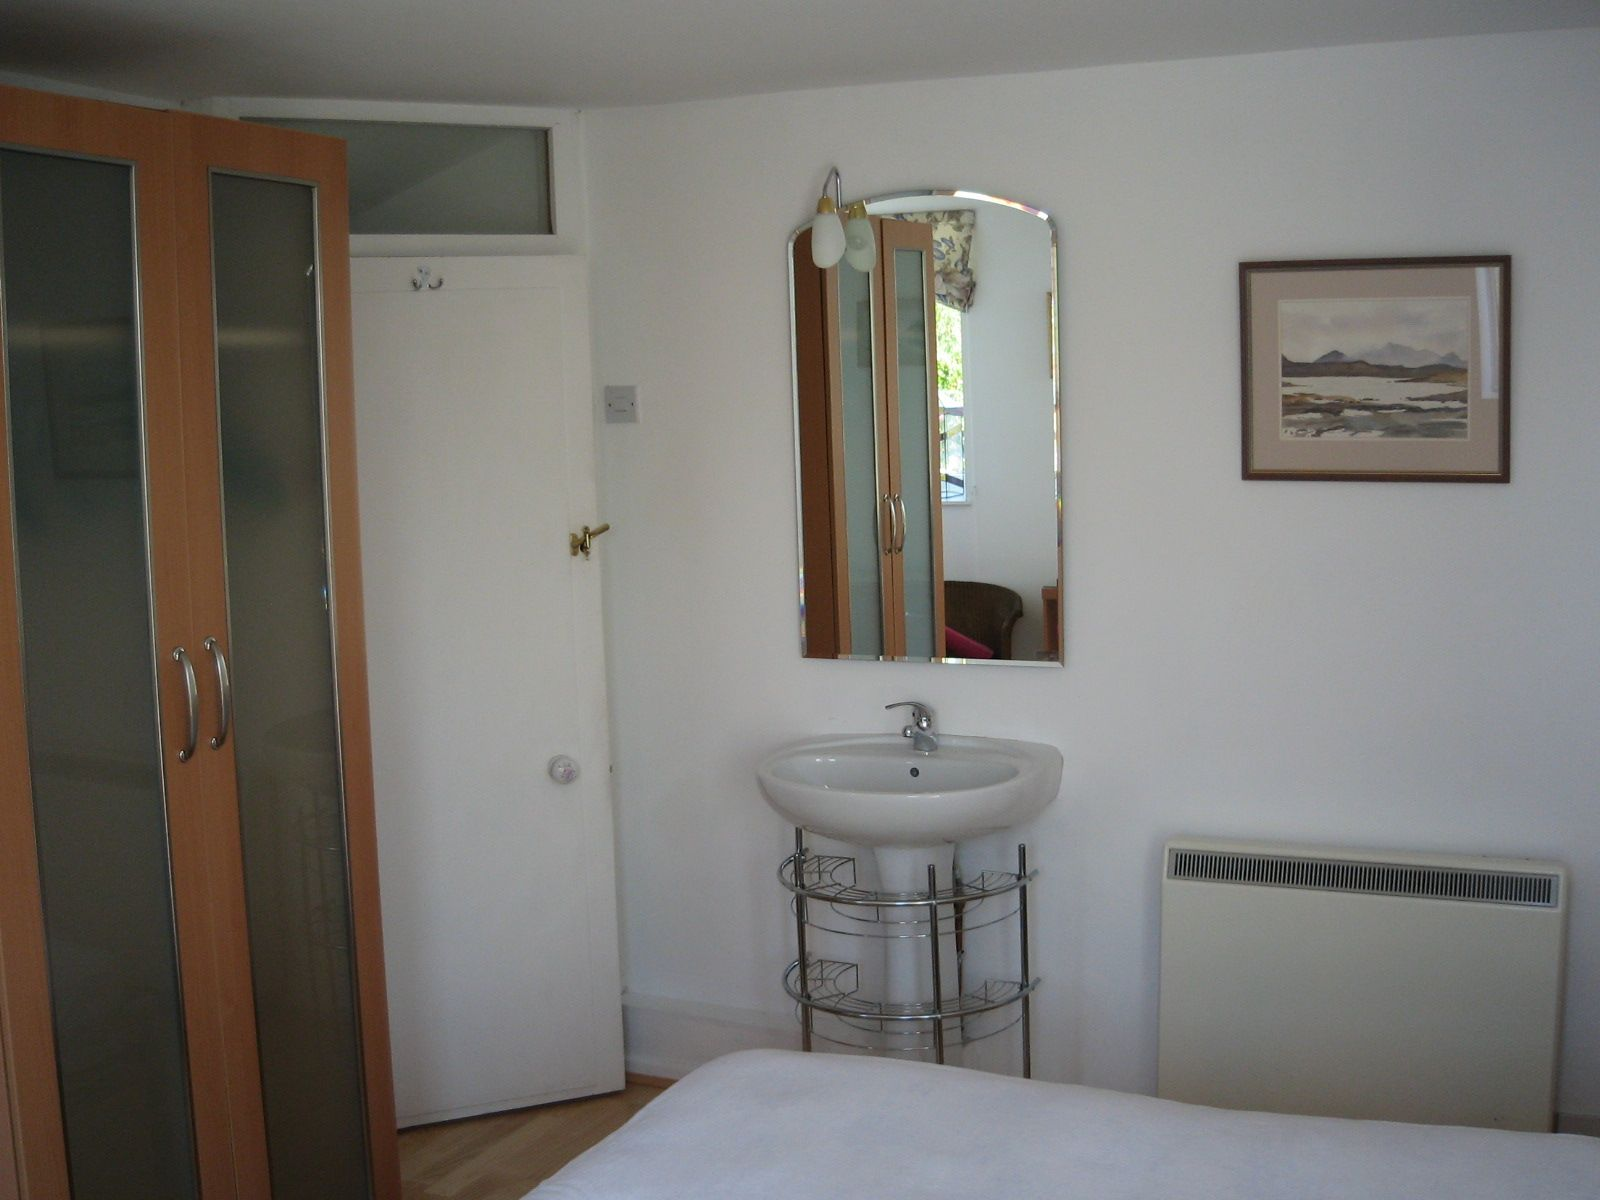 Bedroom Sink Basement Bedrooms Bedroom Bathroom Mirror